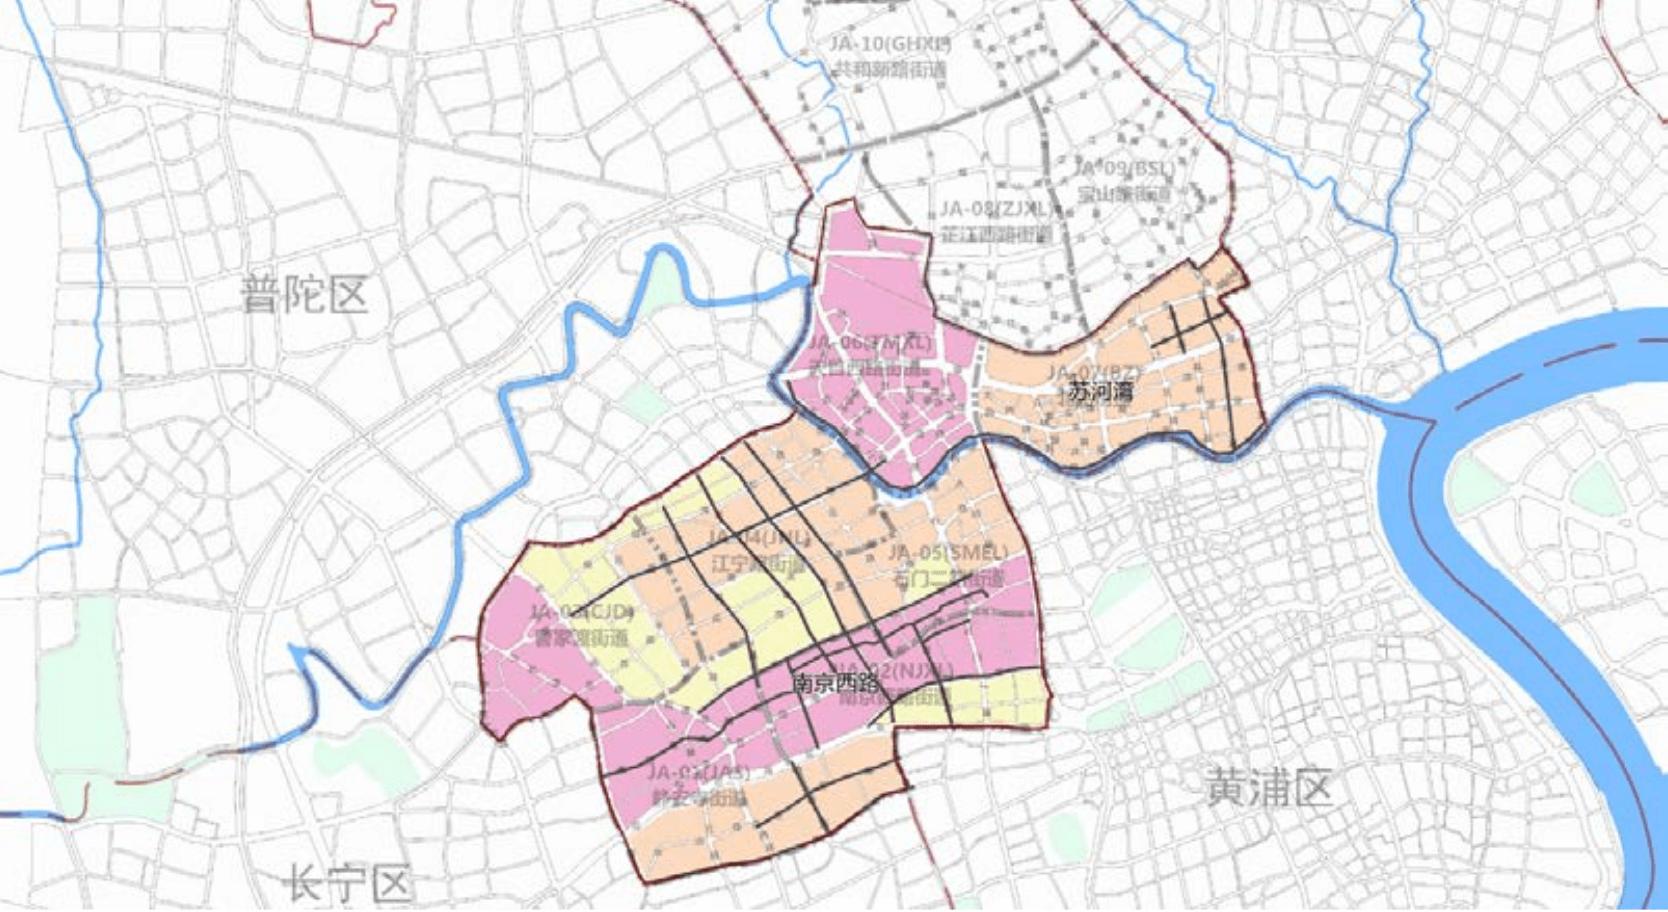 丰县城区人口增长比例_丰县最新城区规划图